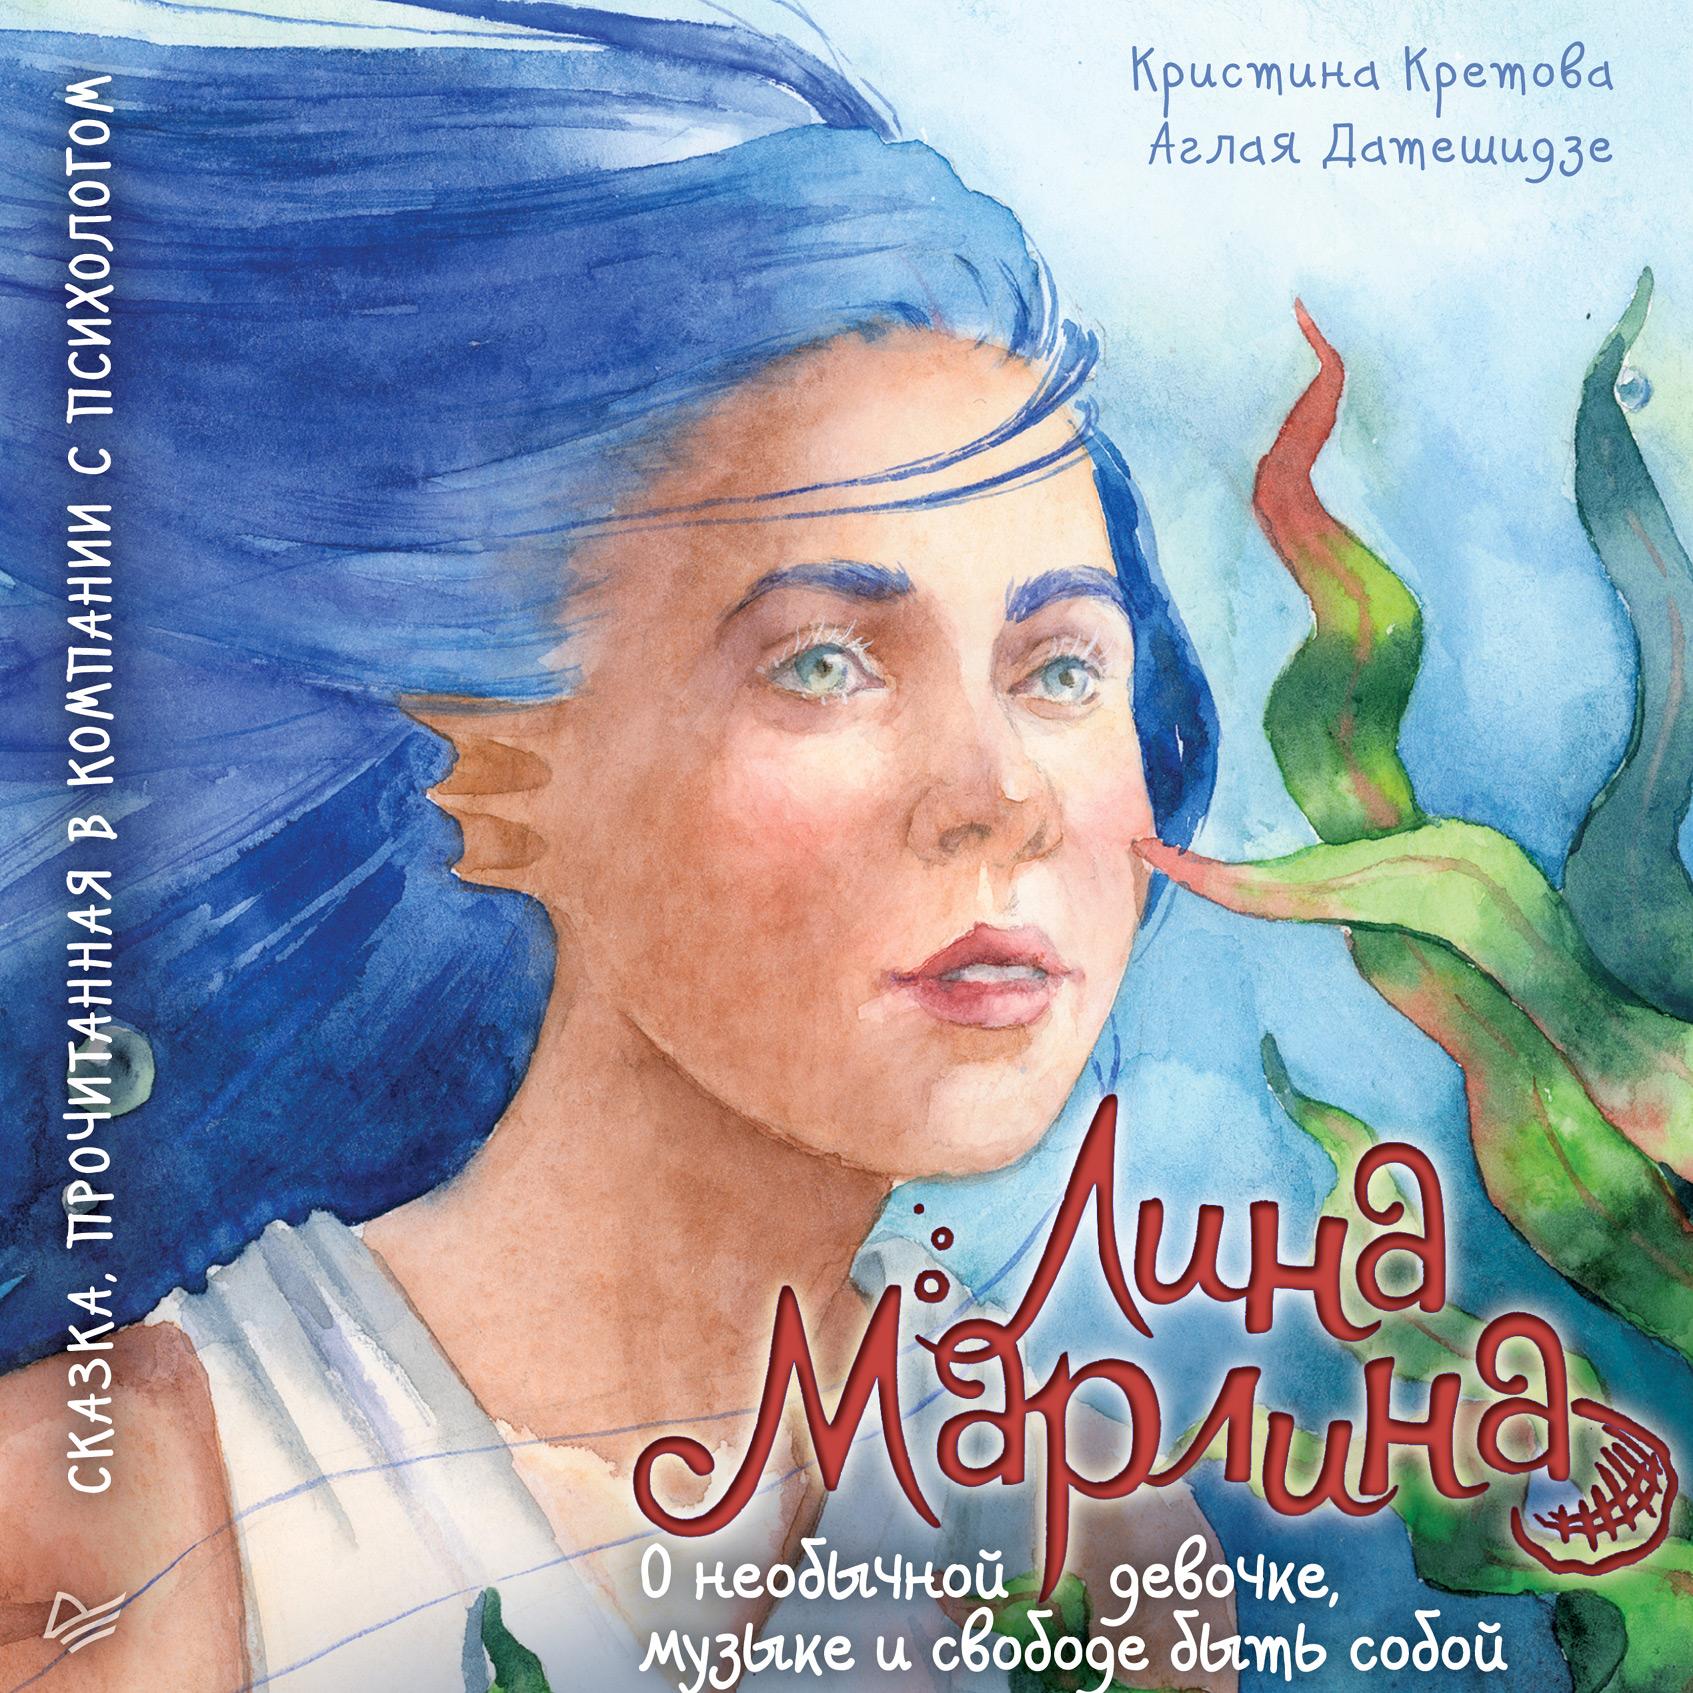 Лина-Марлина. Сказка о необычной девочке, музыке и свободе быть собой. Прочитанная в компании с психологом фото